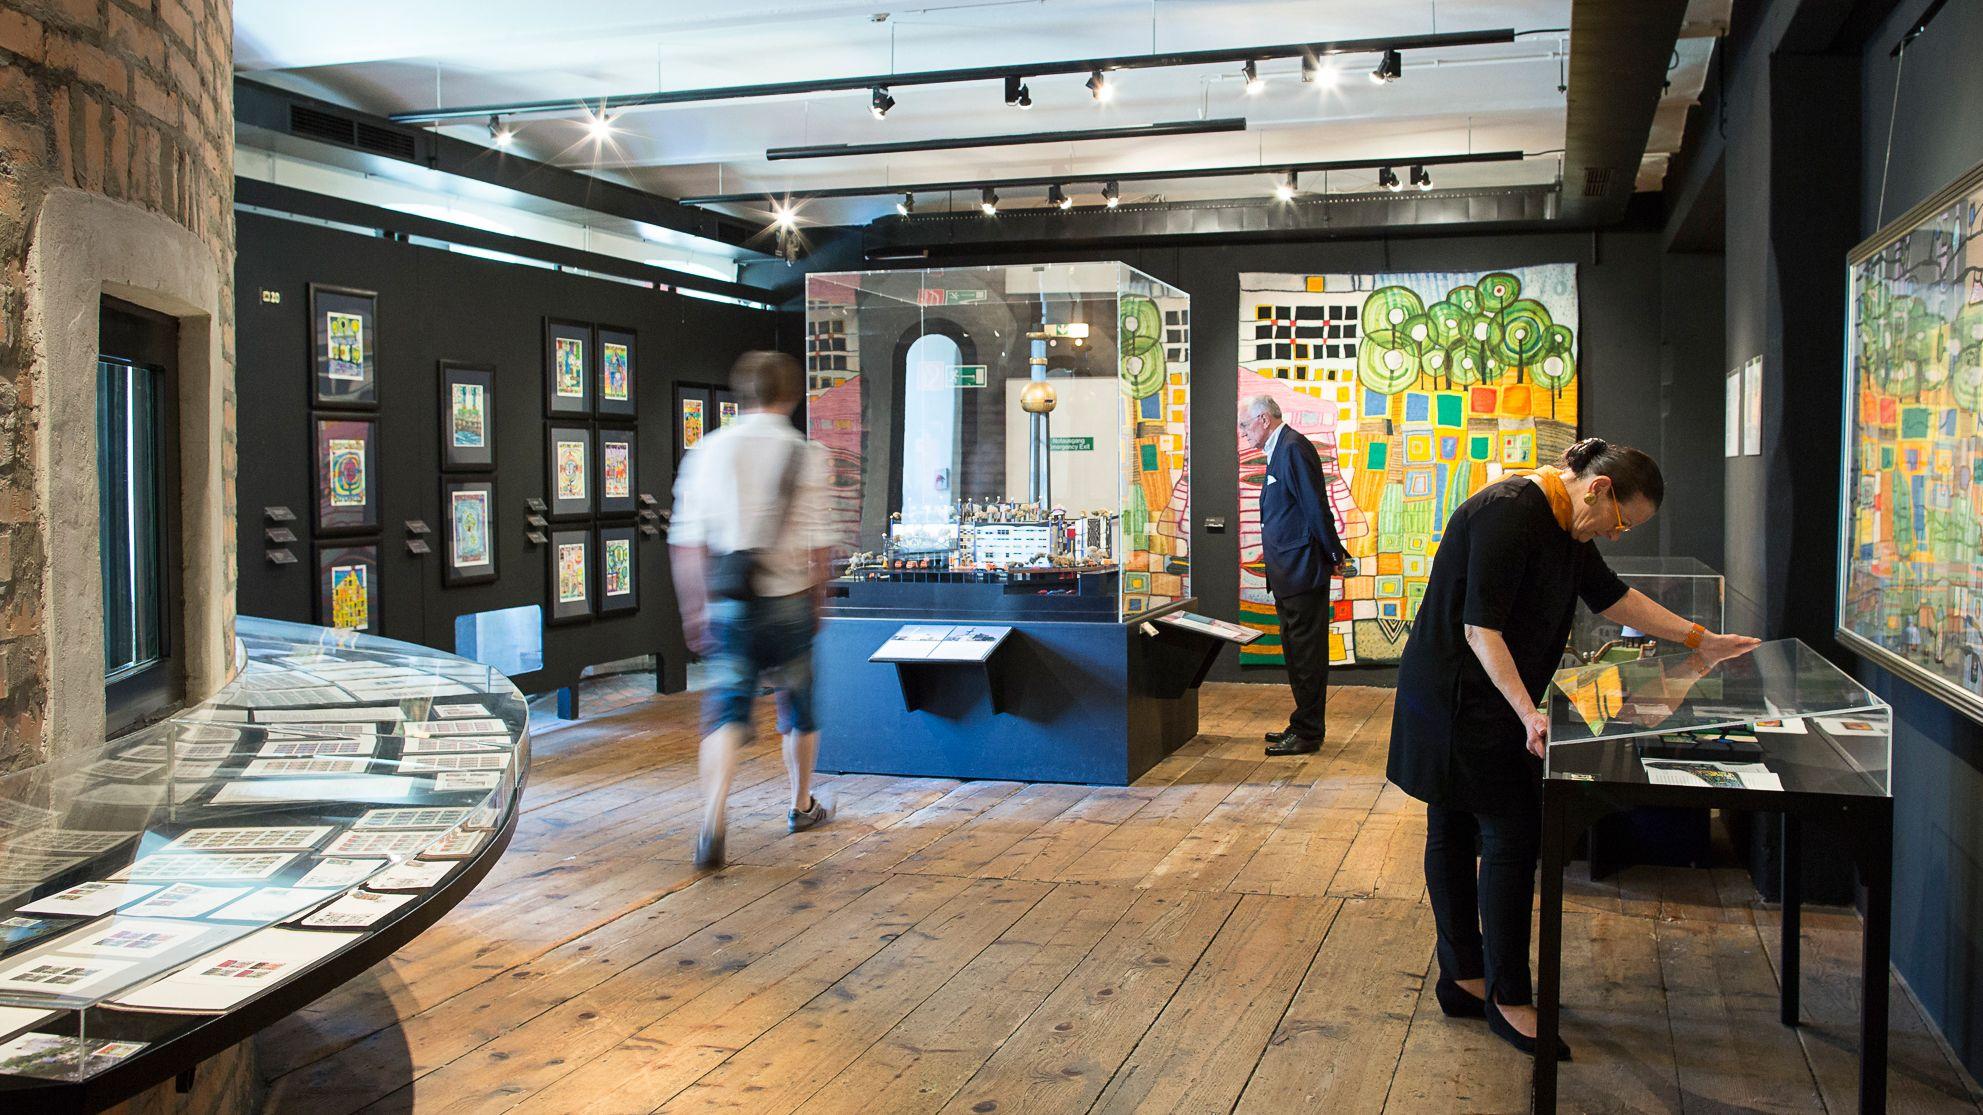 people view artwork in museum